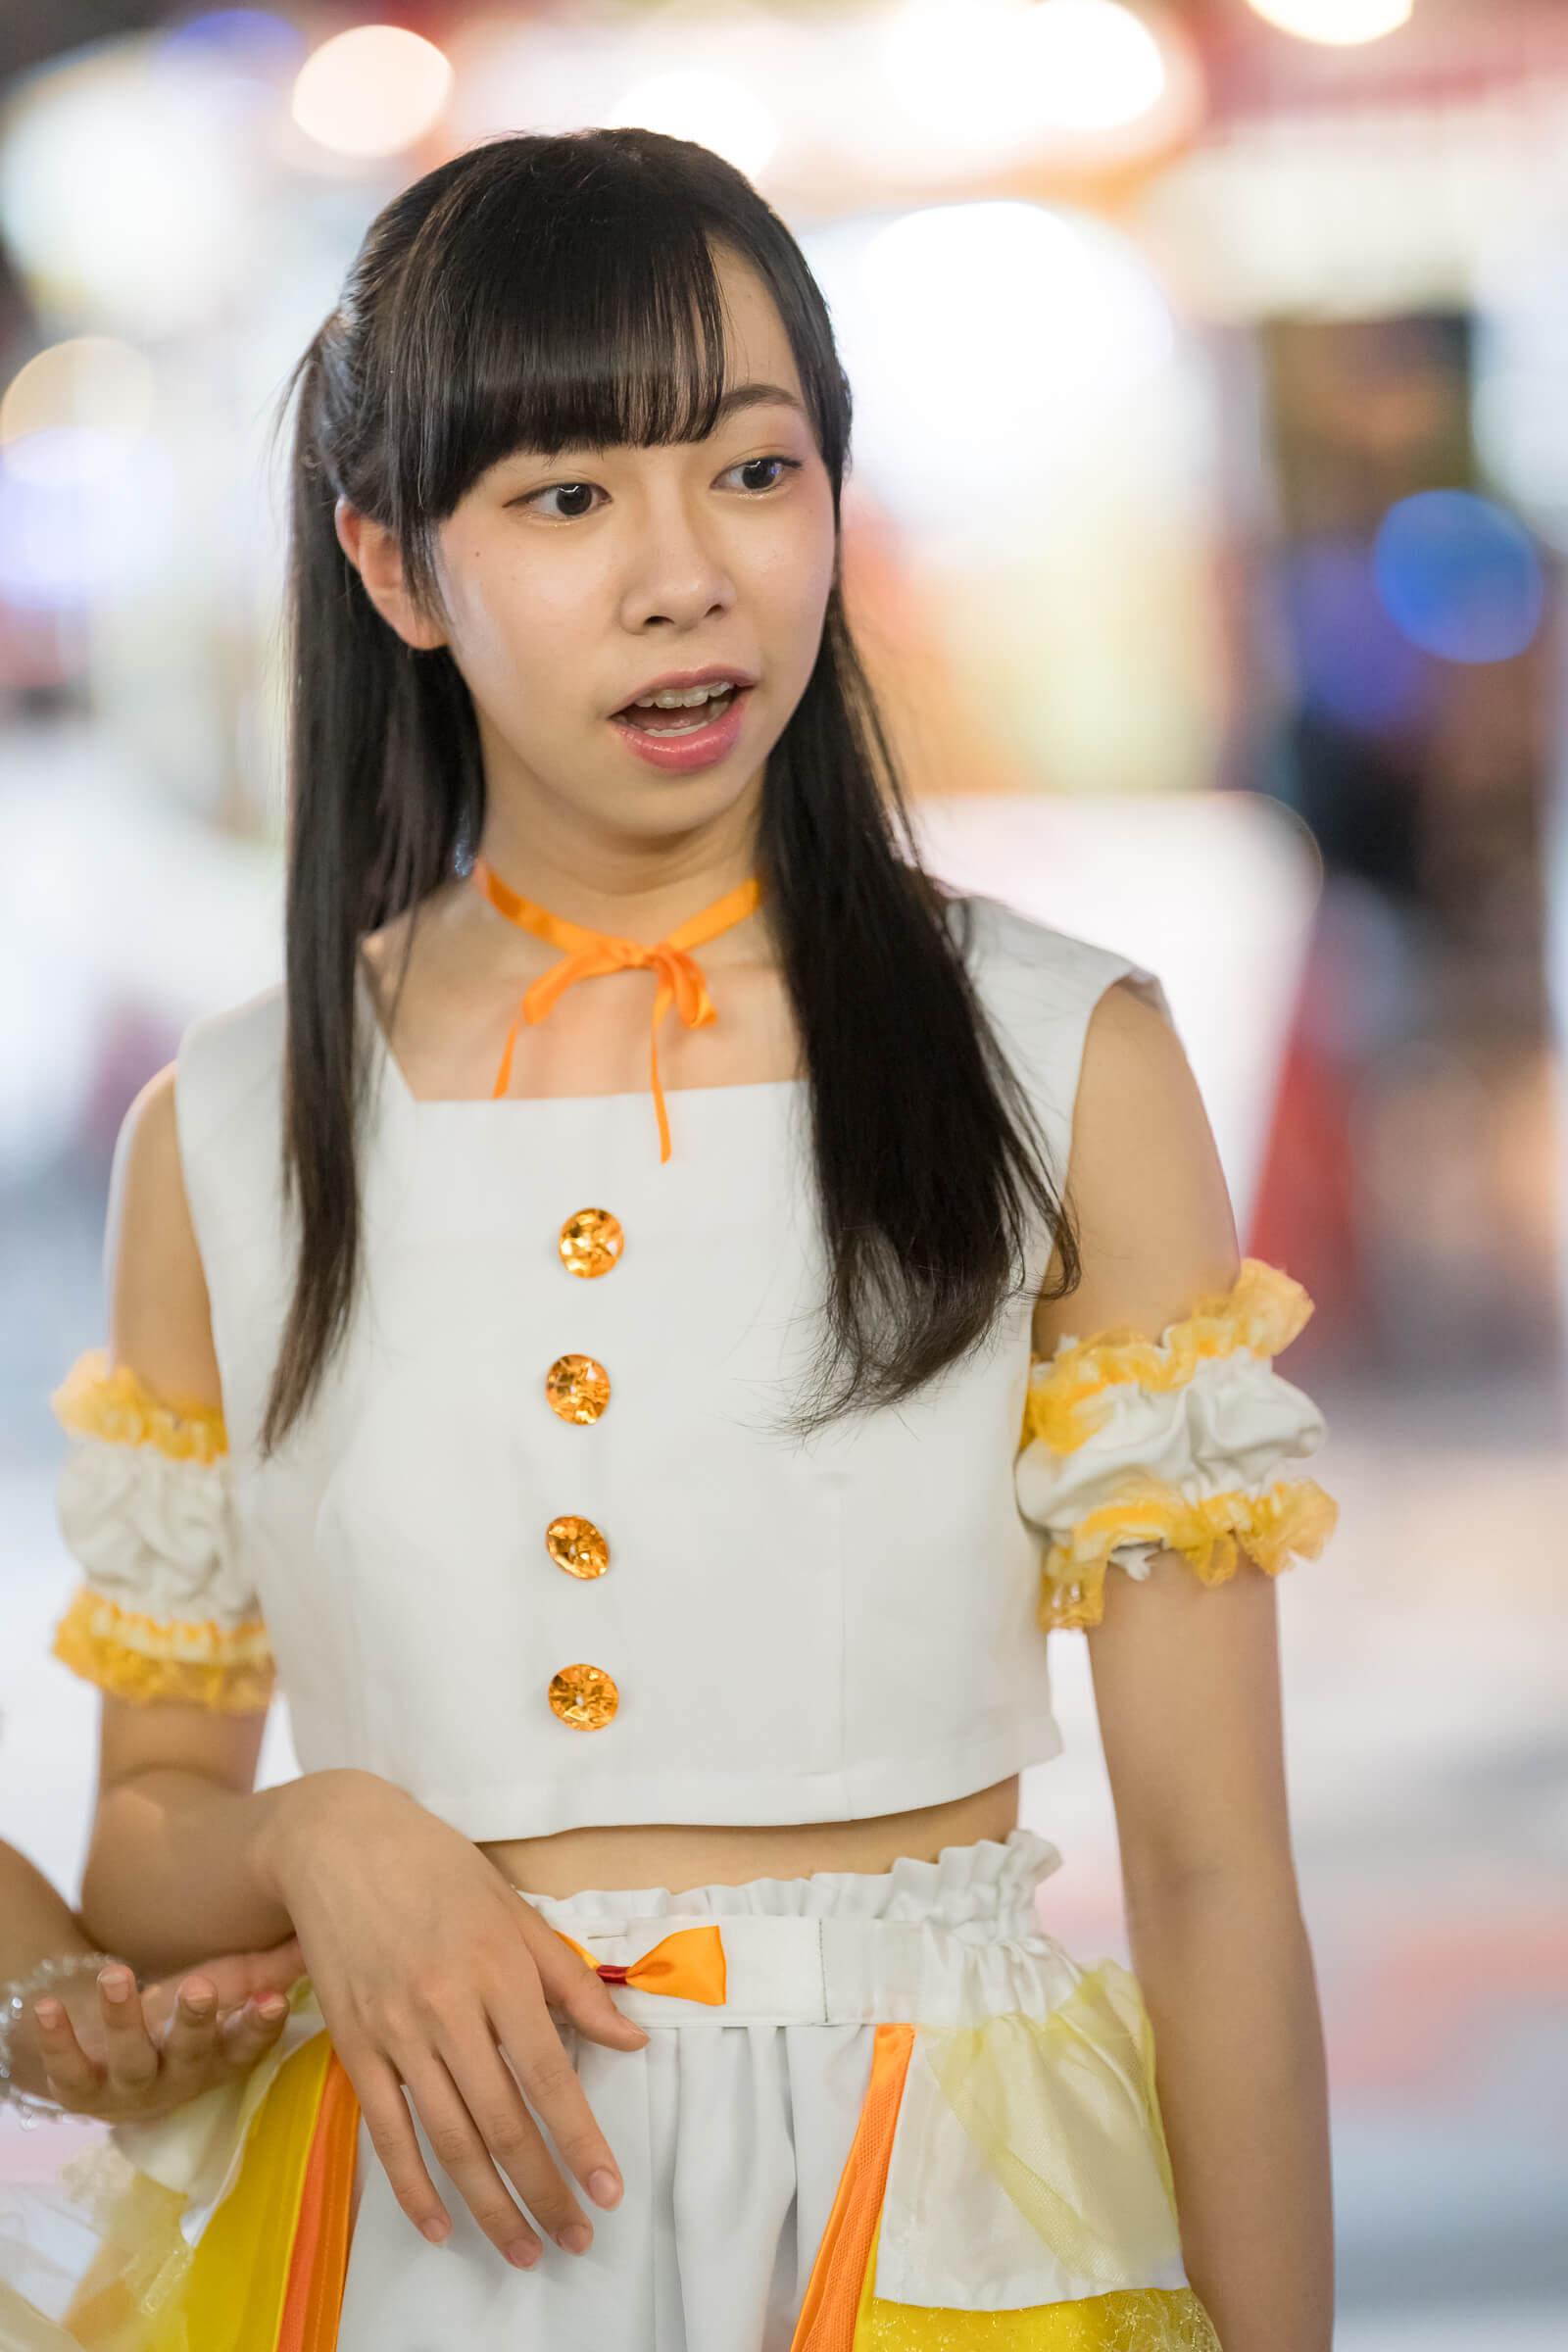 フルーティー♡ さえ ( 大井彩愛 ) | TVh『ばっちり撮ったろう』番組企画ゲリラライブ